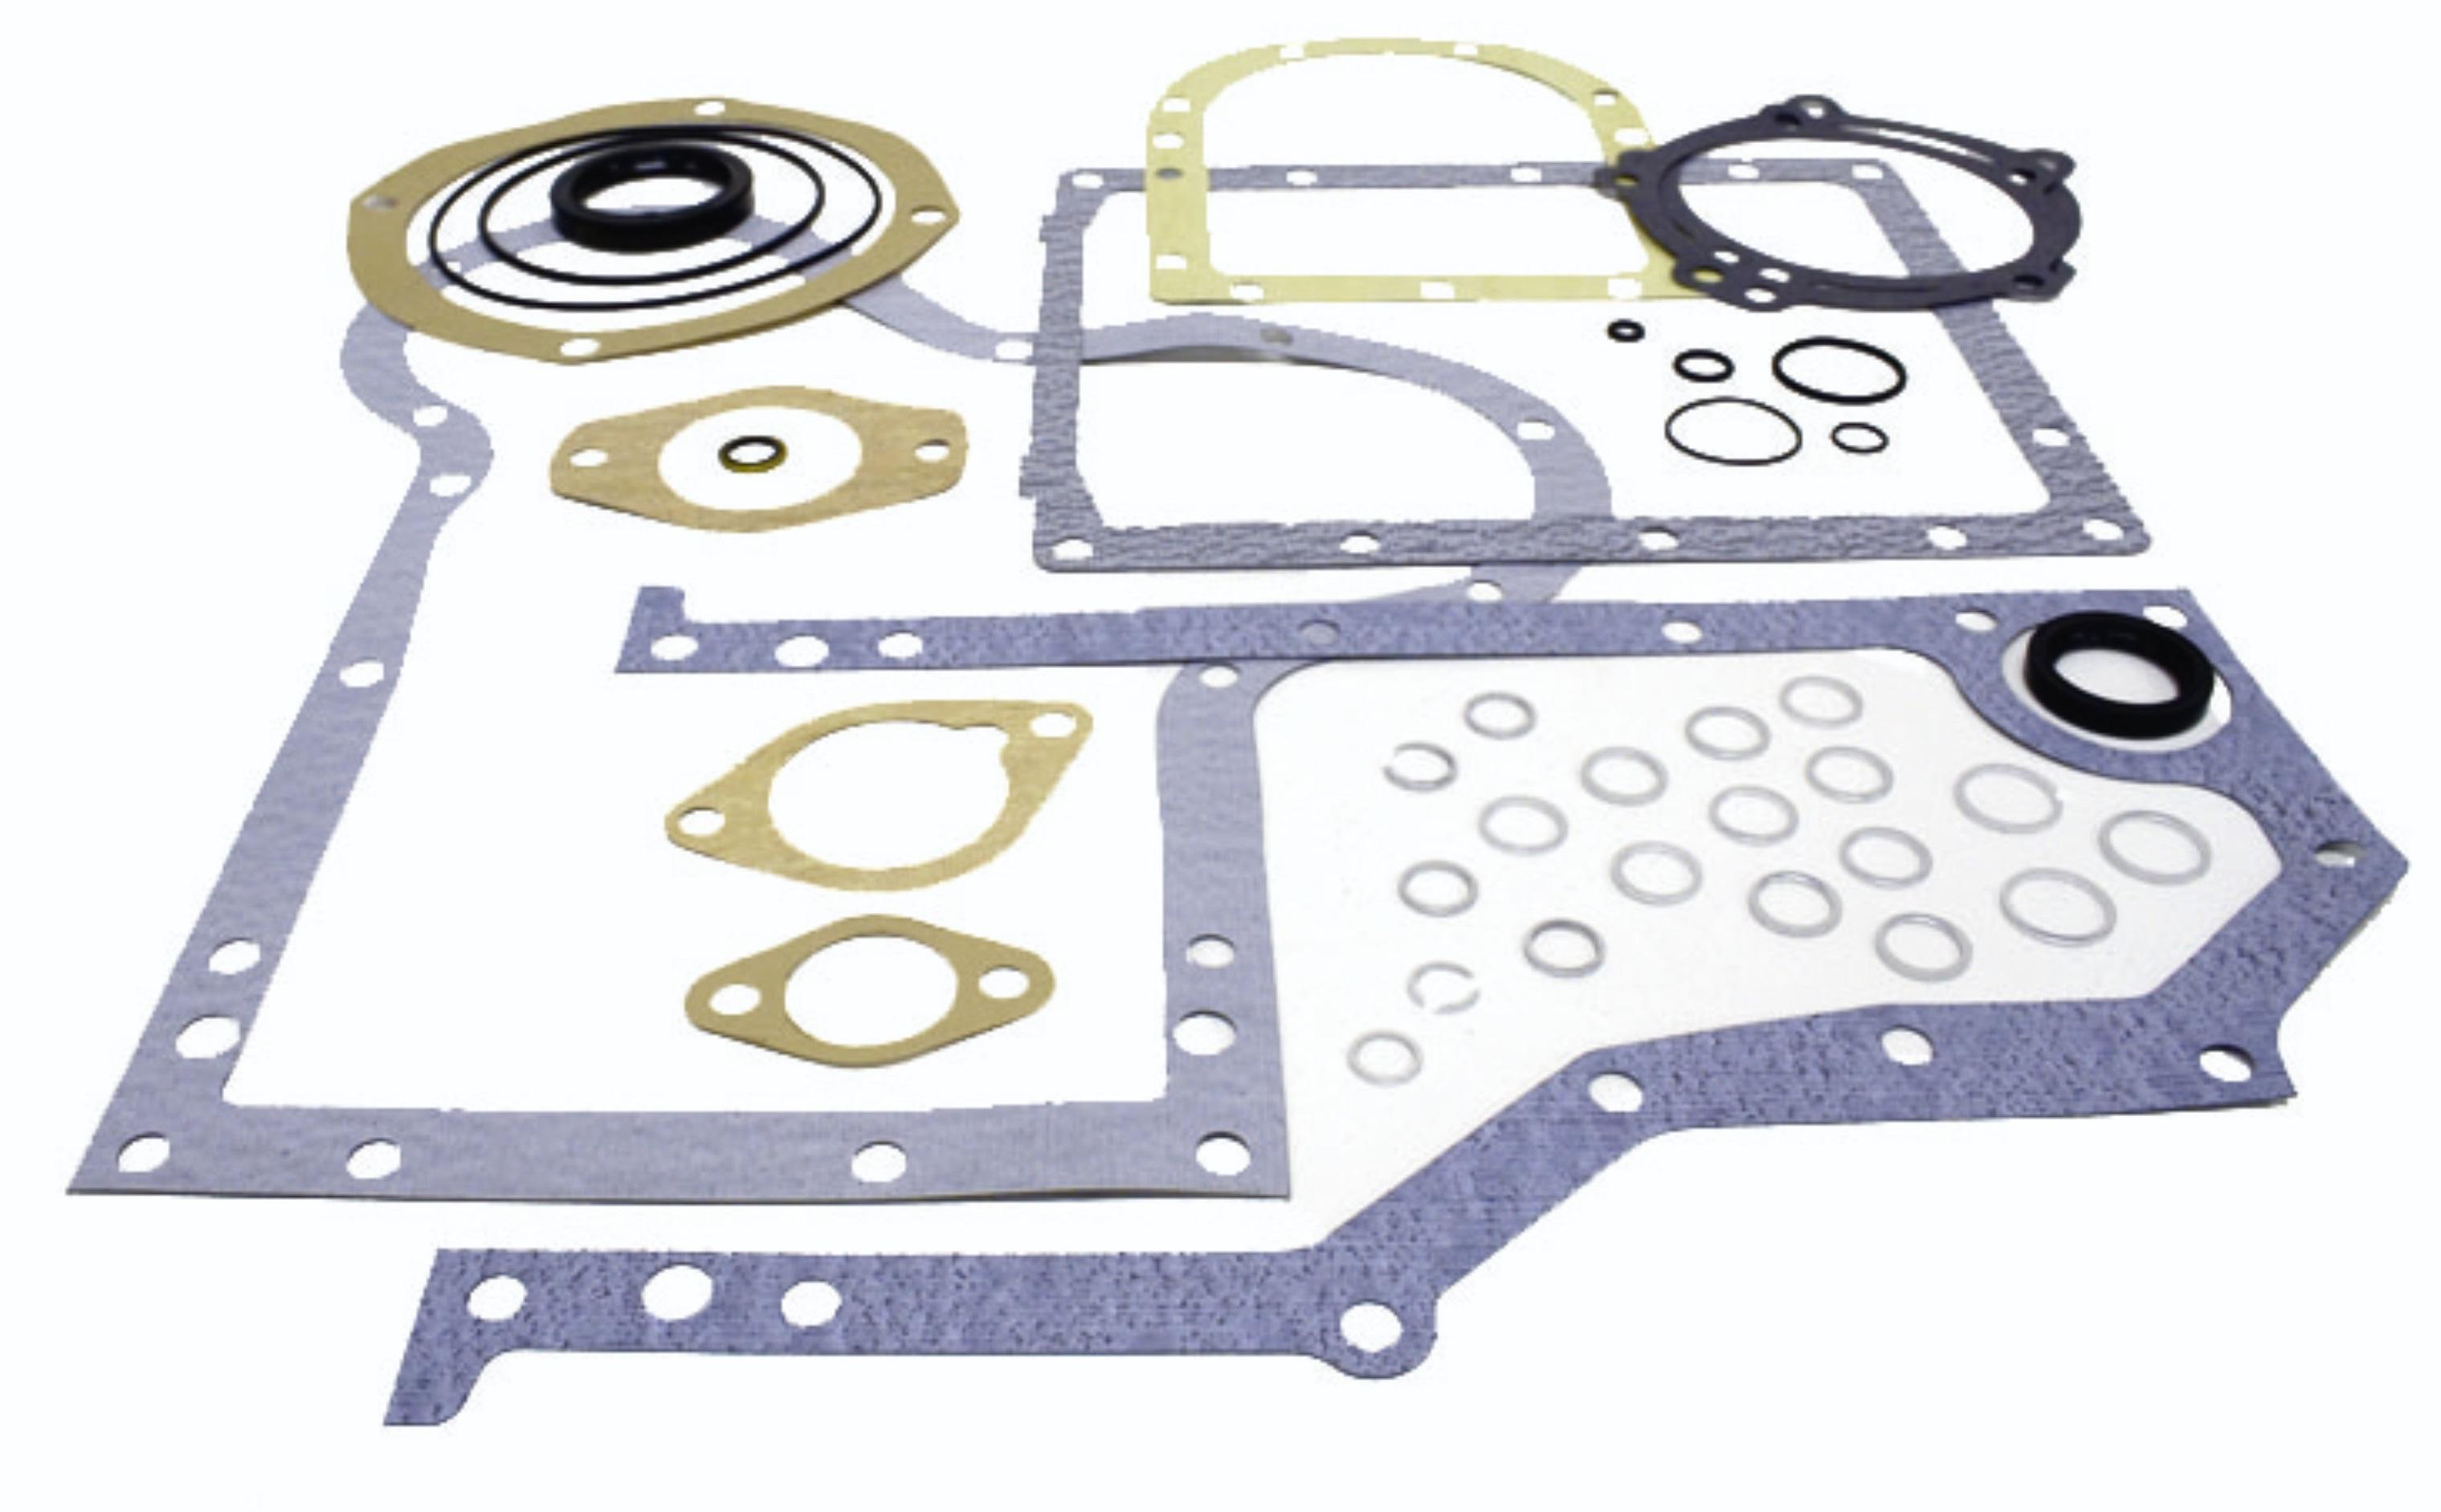 Tilläggssats till Volvo Penta MD6A, MD6B, MD7A, MD7B (21314)